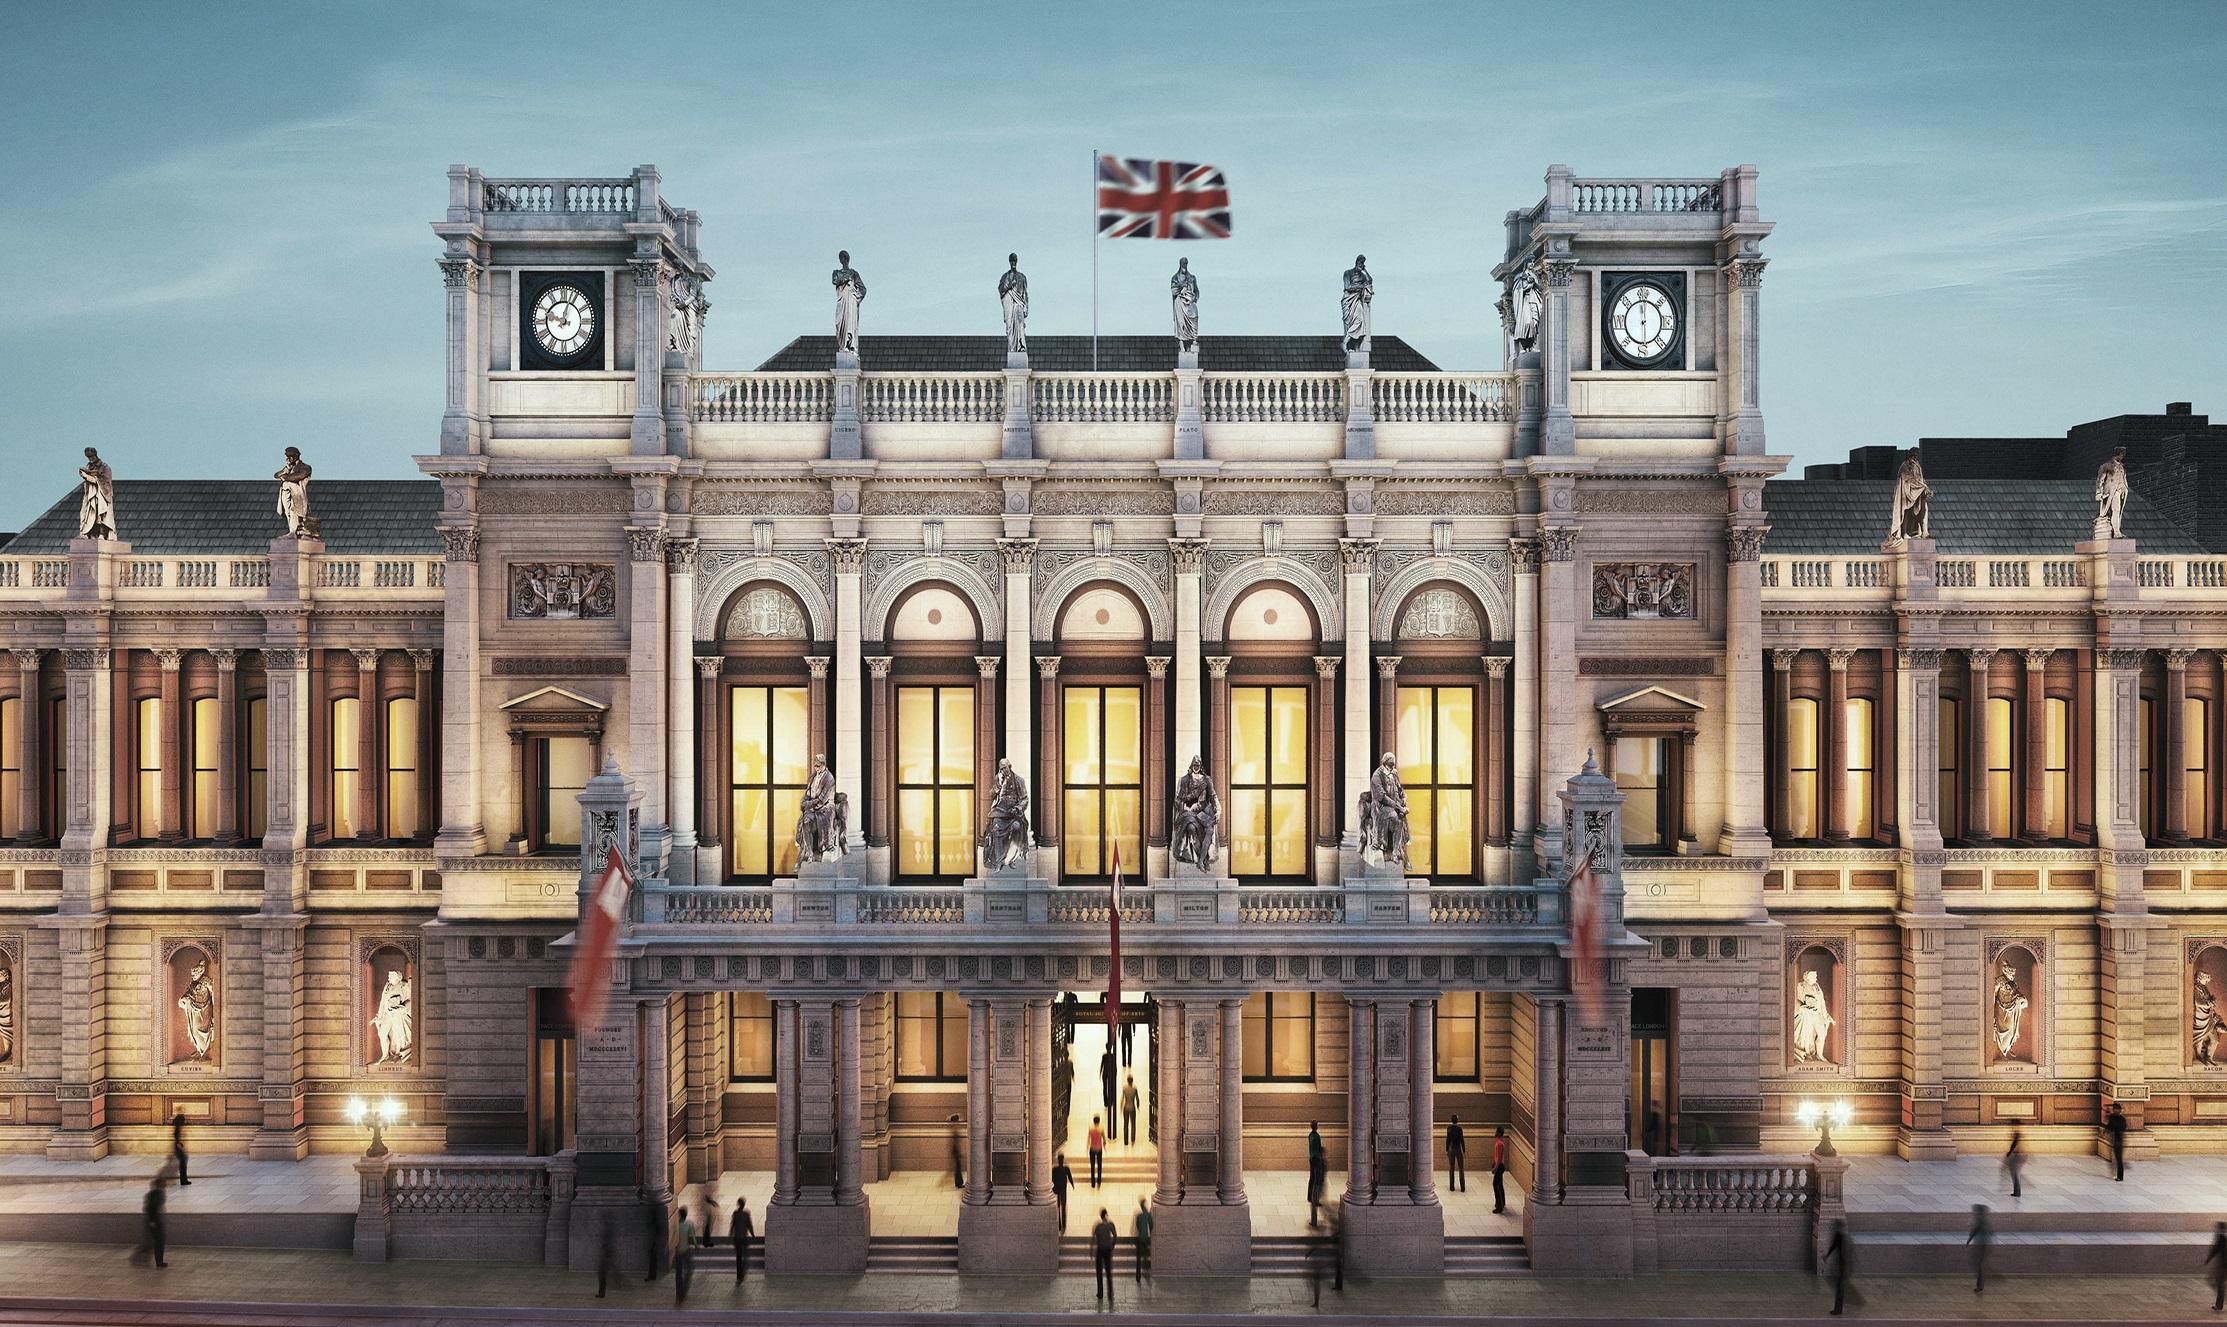 Jaeger-LeCoultre celebra el arte de la precisión en la Royal Academy of Arts de Londres